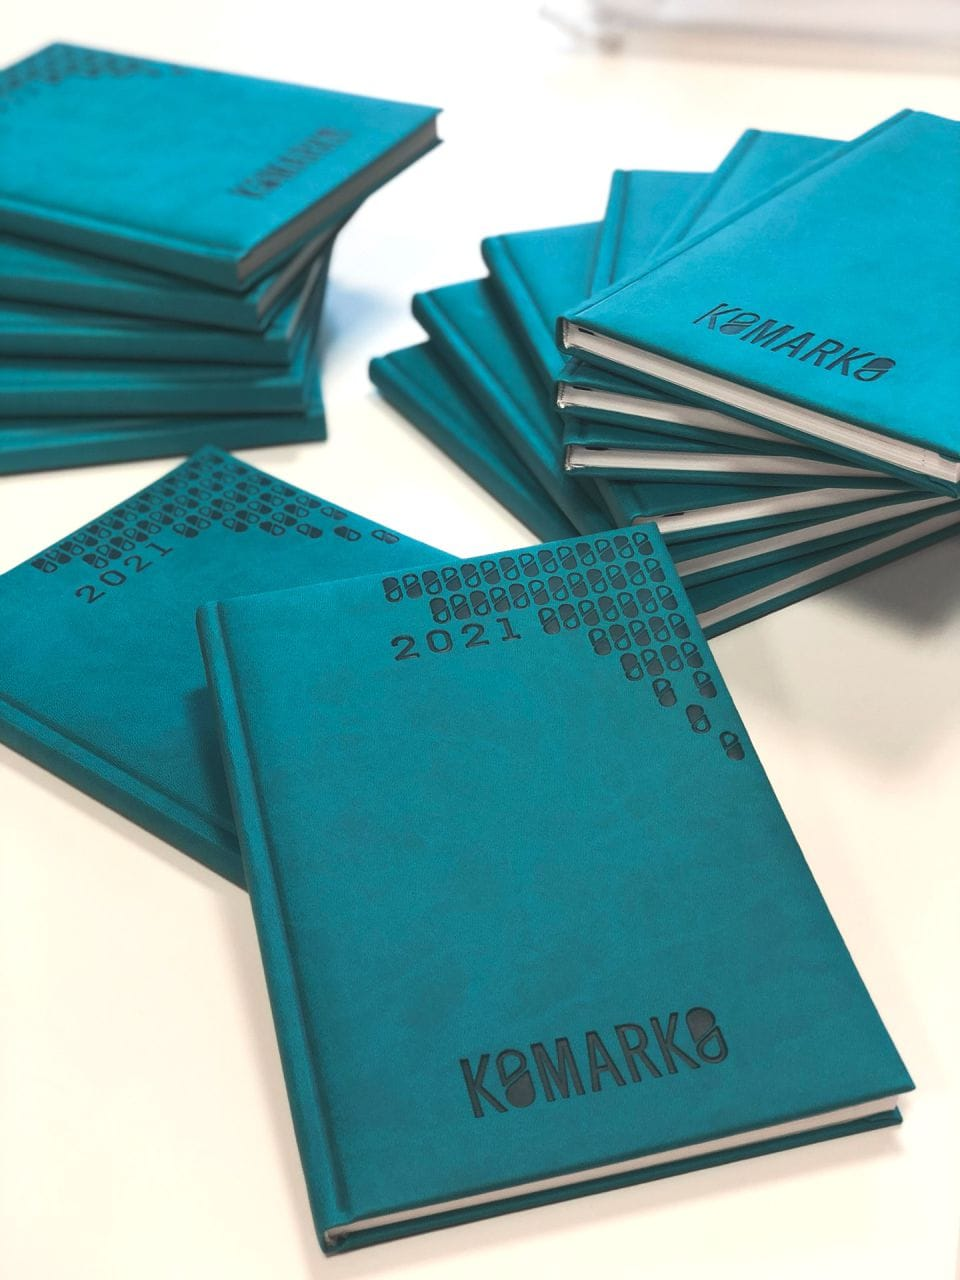 kalendarze książkowe z tłoczonym logo Komarko